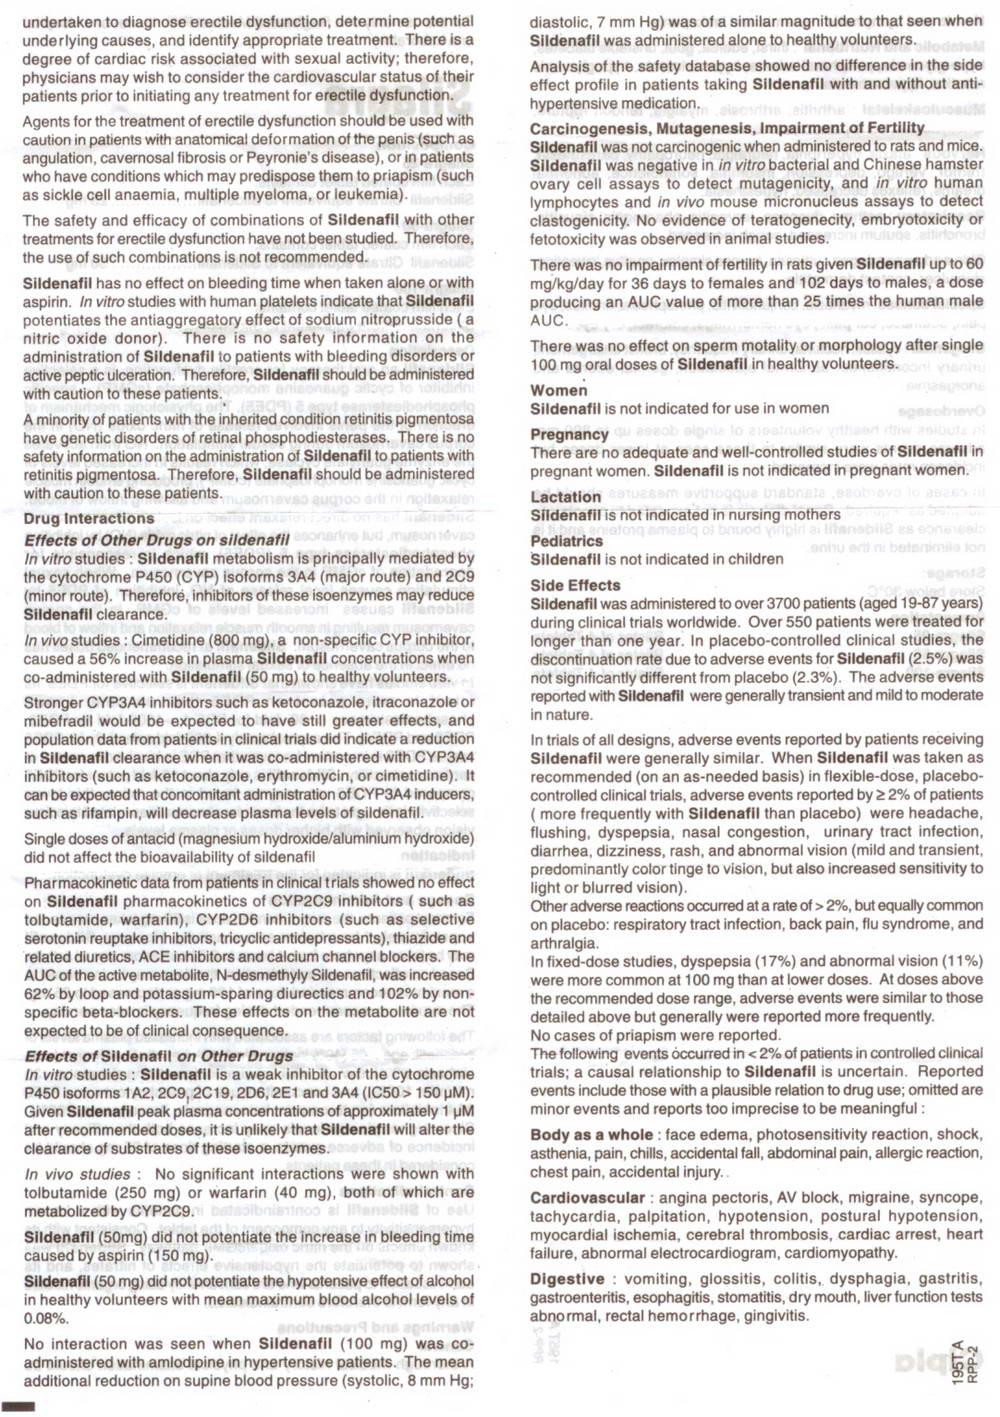 rocephin lidocaine pediatrics